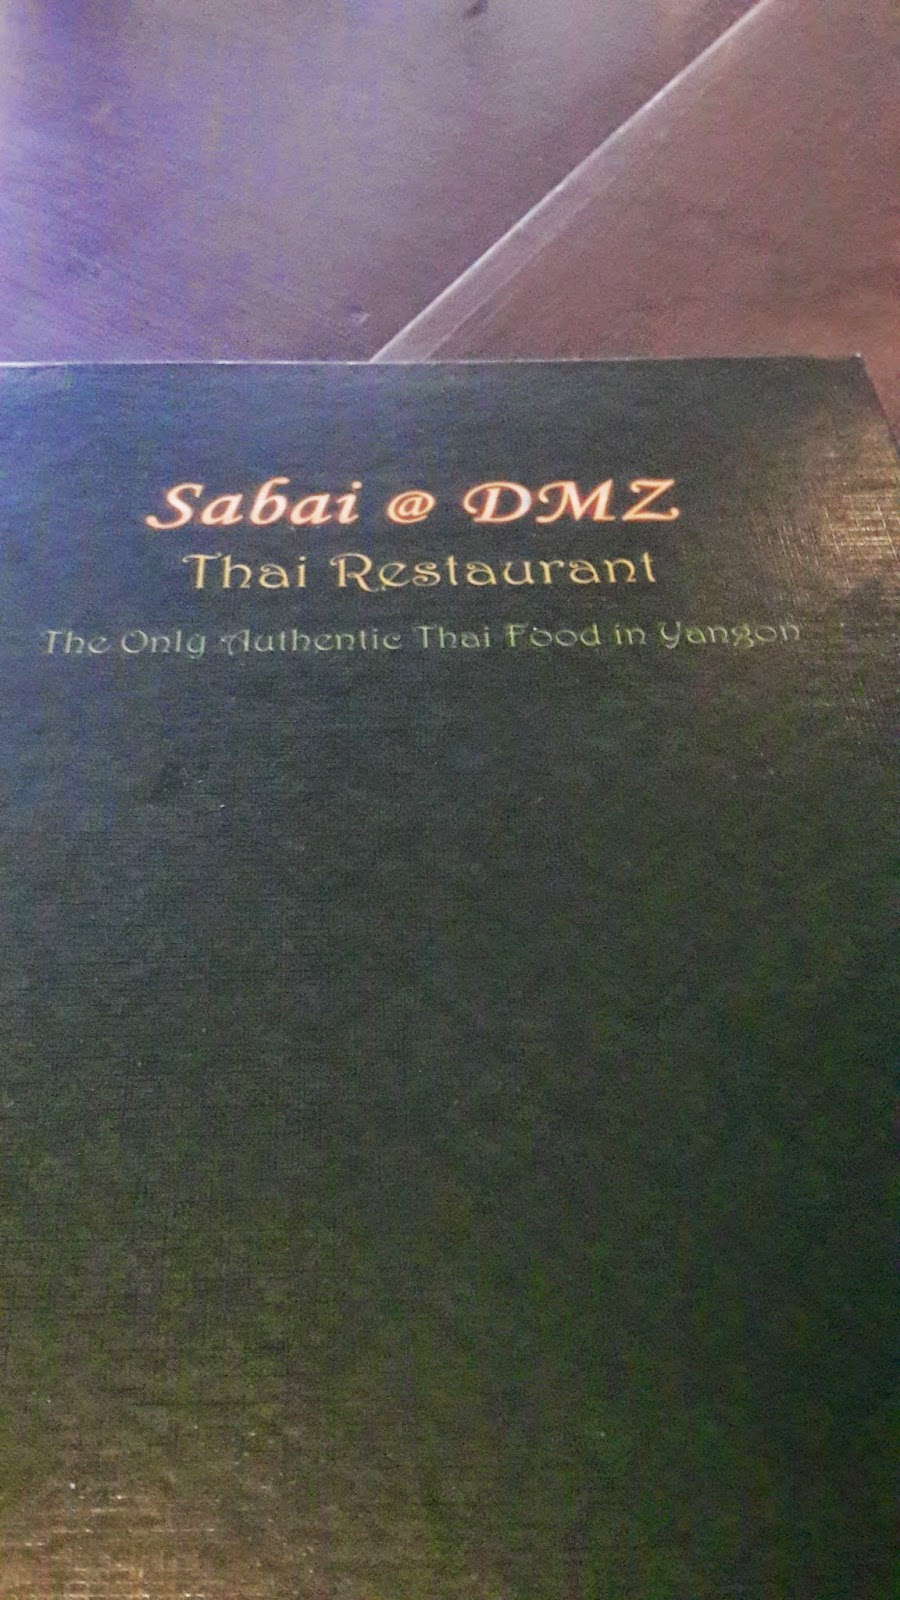 Sabai @ DMZ Restaurant menu